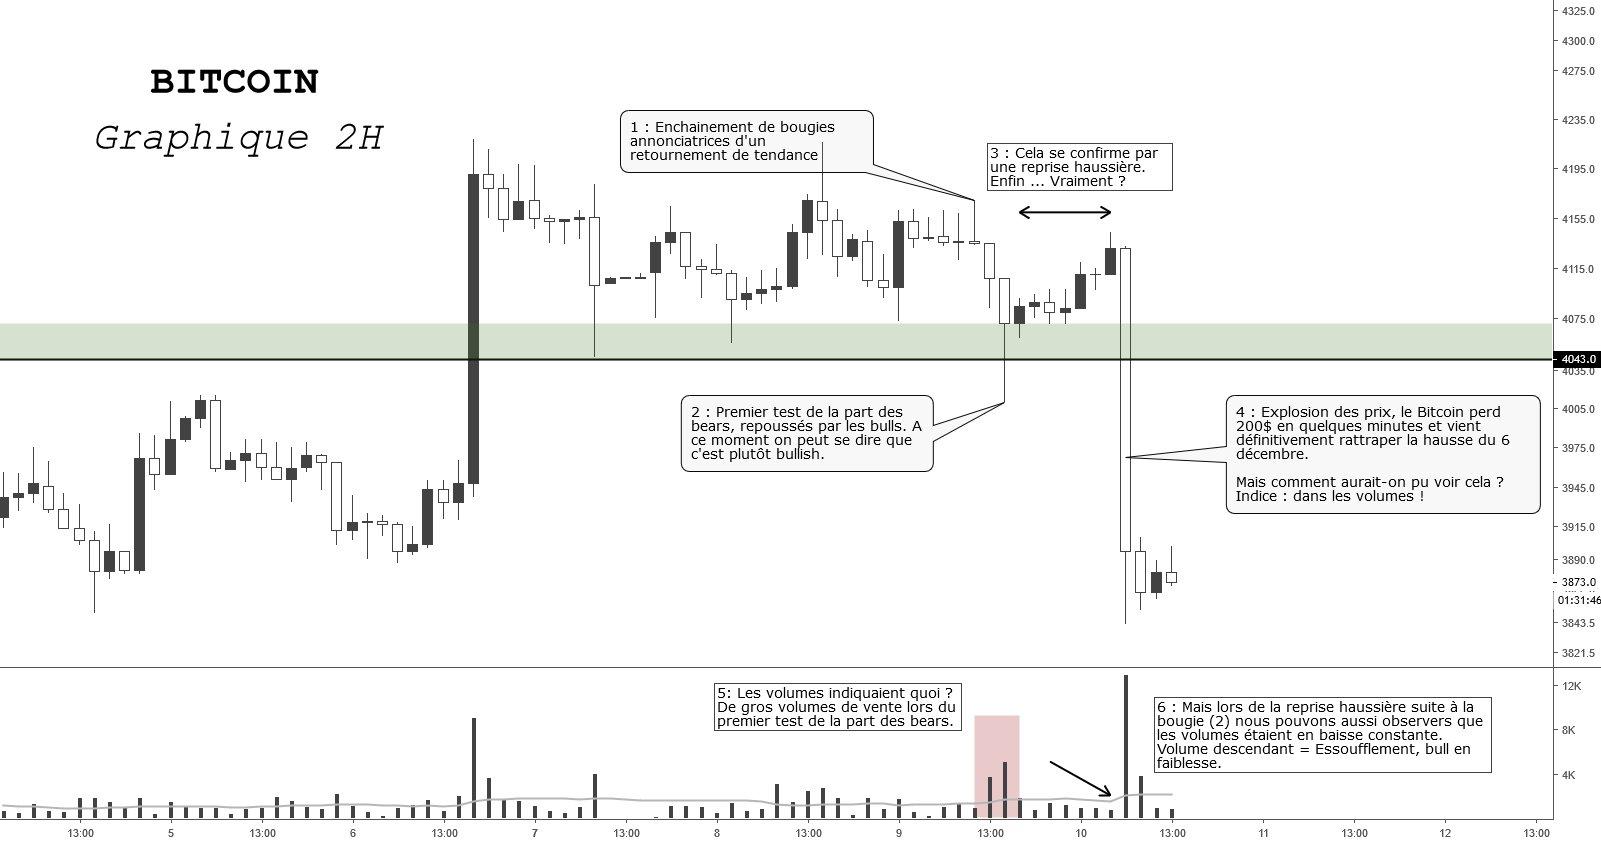 Analyse graphique de Bitcoin réalisée par Cryptodidacte